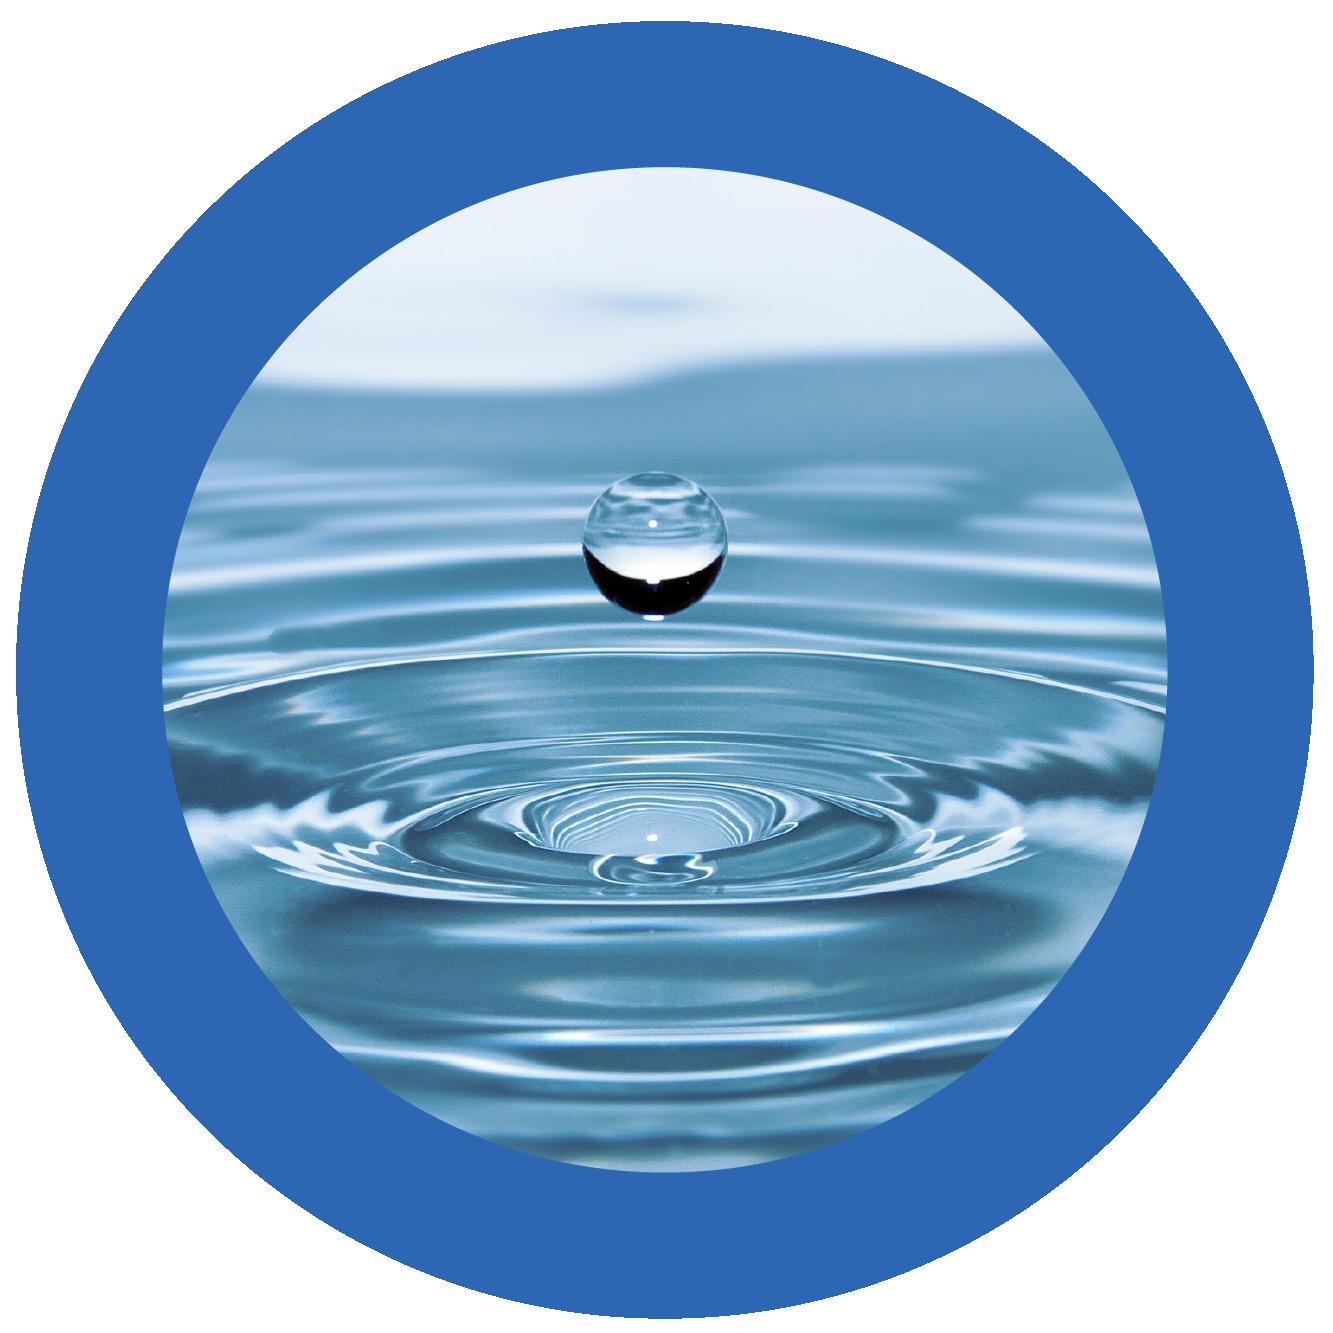 Hübner Prevent Sauberes Trinkwasser für Ihr Wohlbefinden